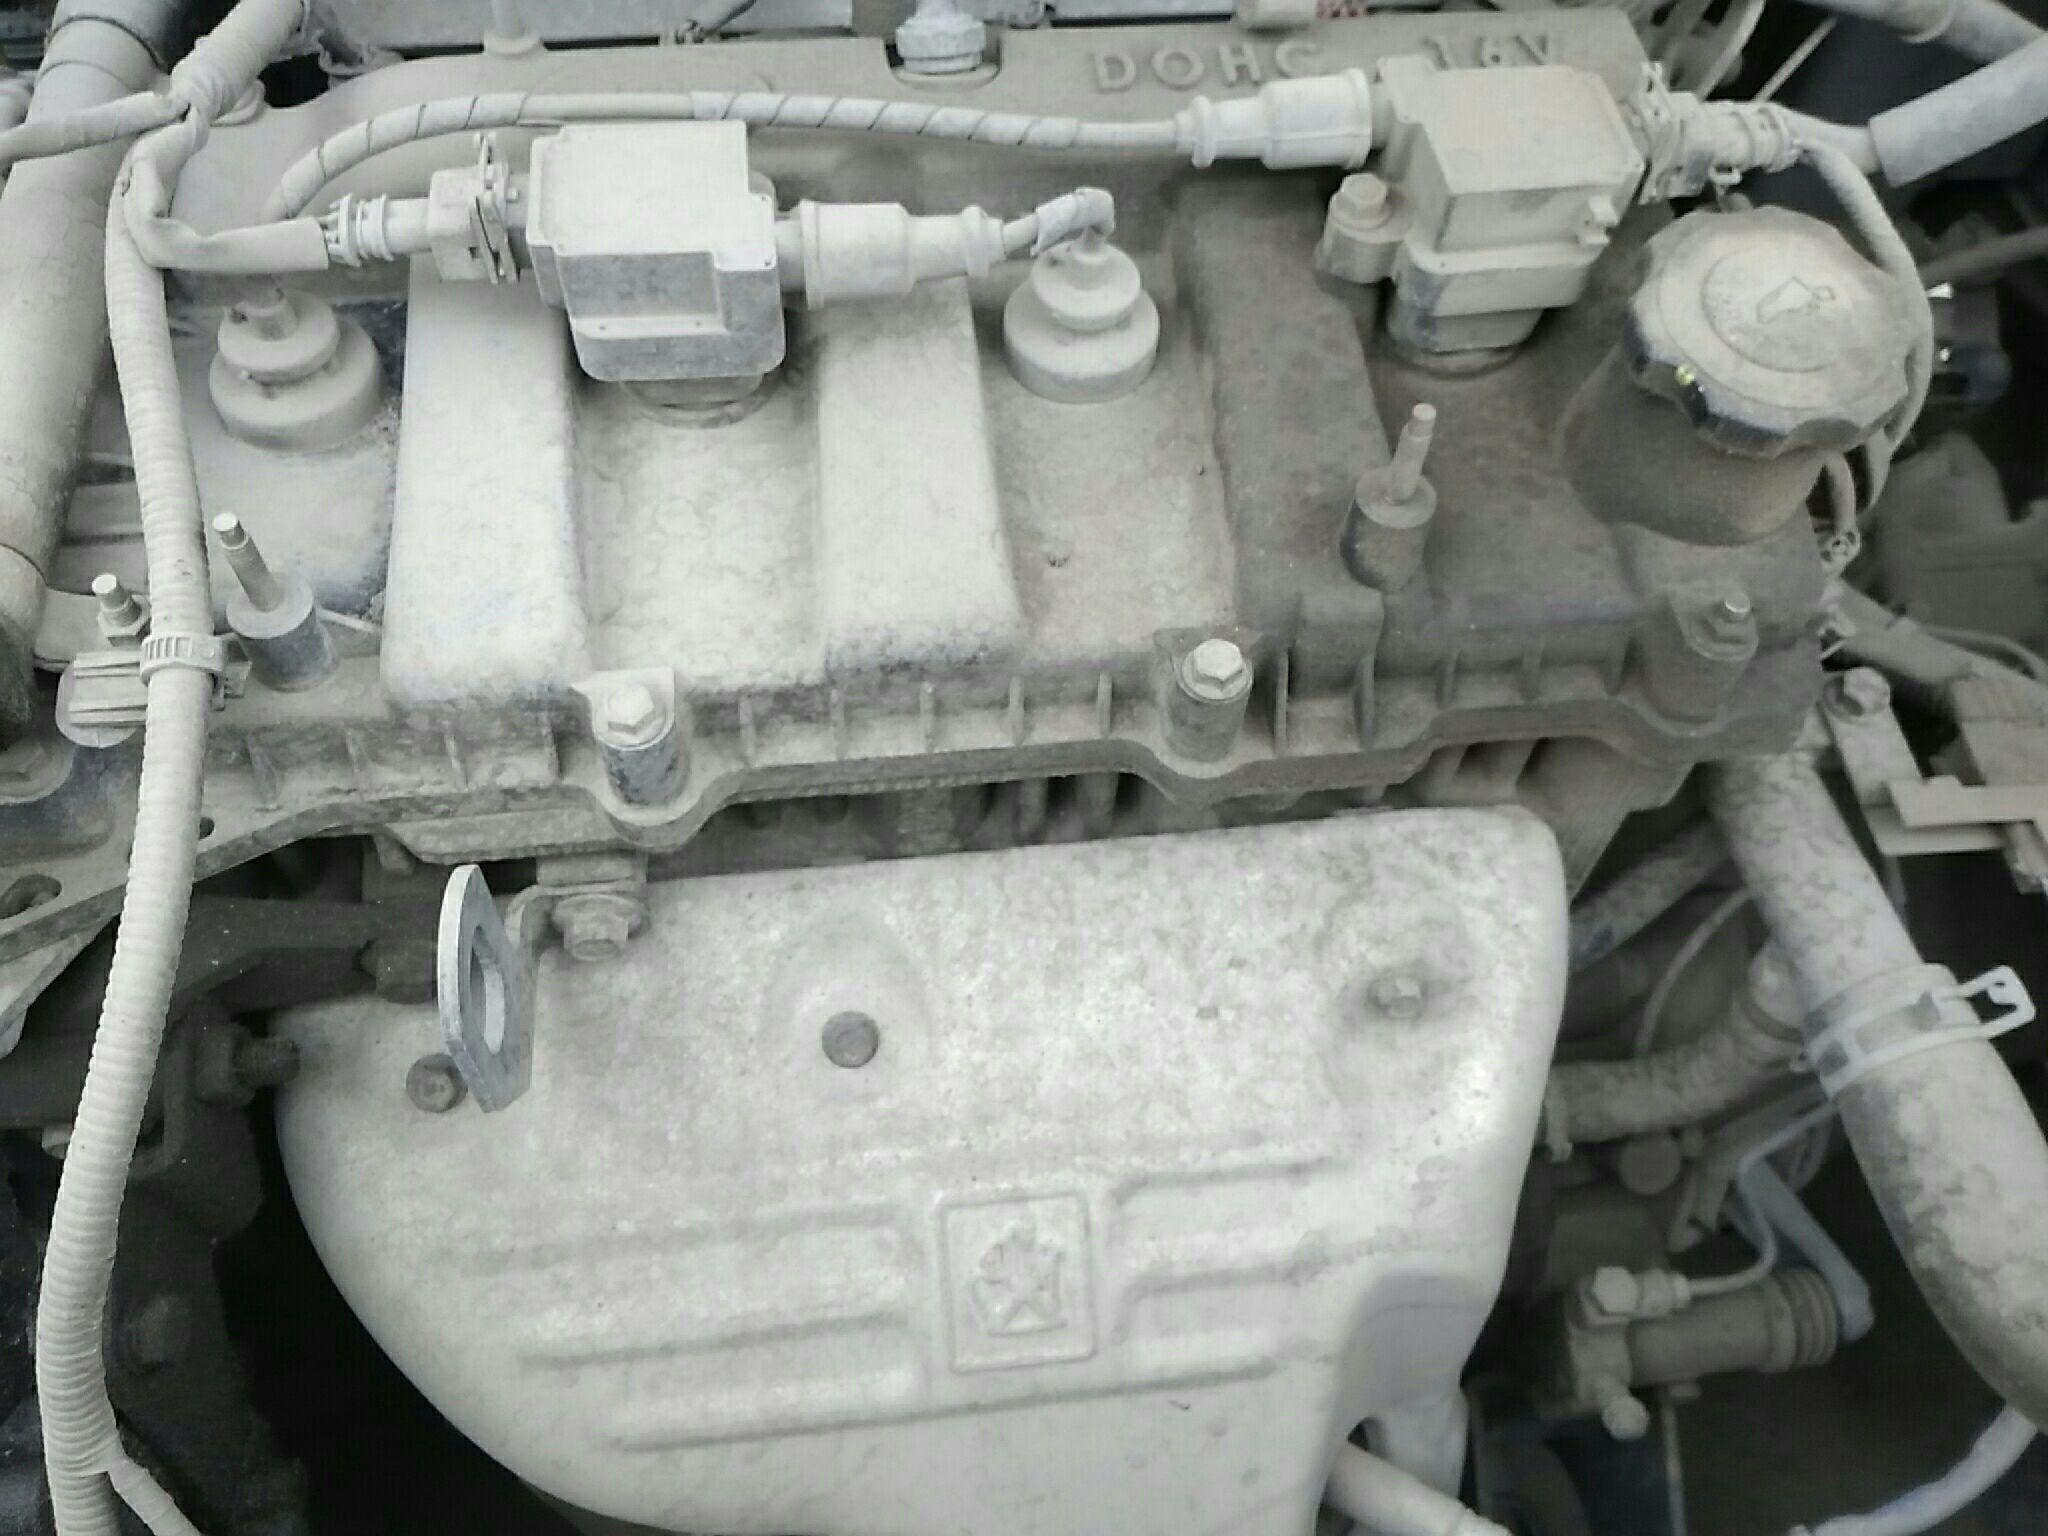 > 比亚迪s6 2012  出现异常属于车辆正常老化,维修更换成本不高,更换